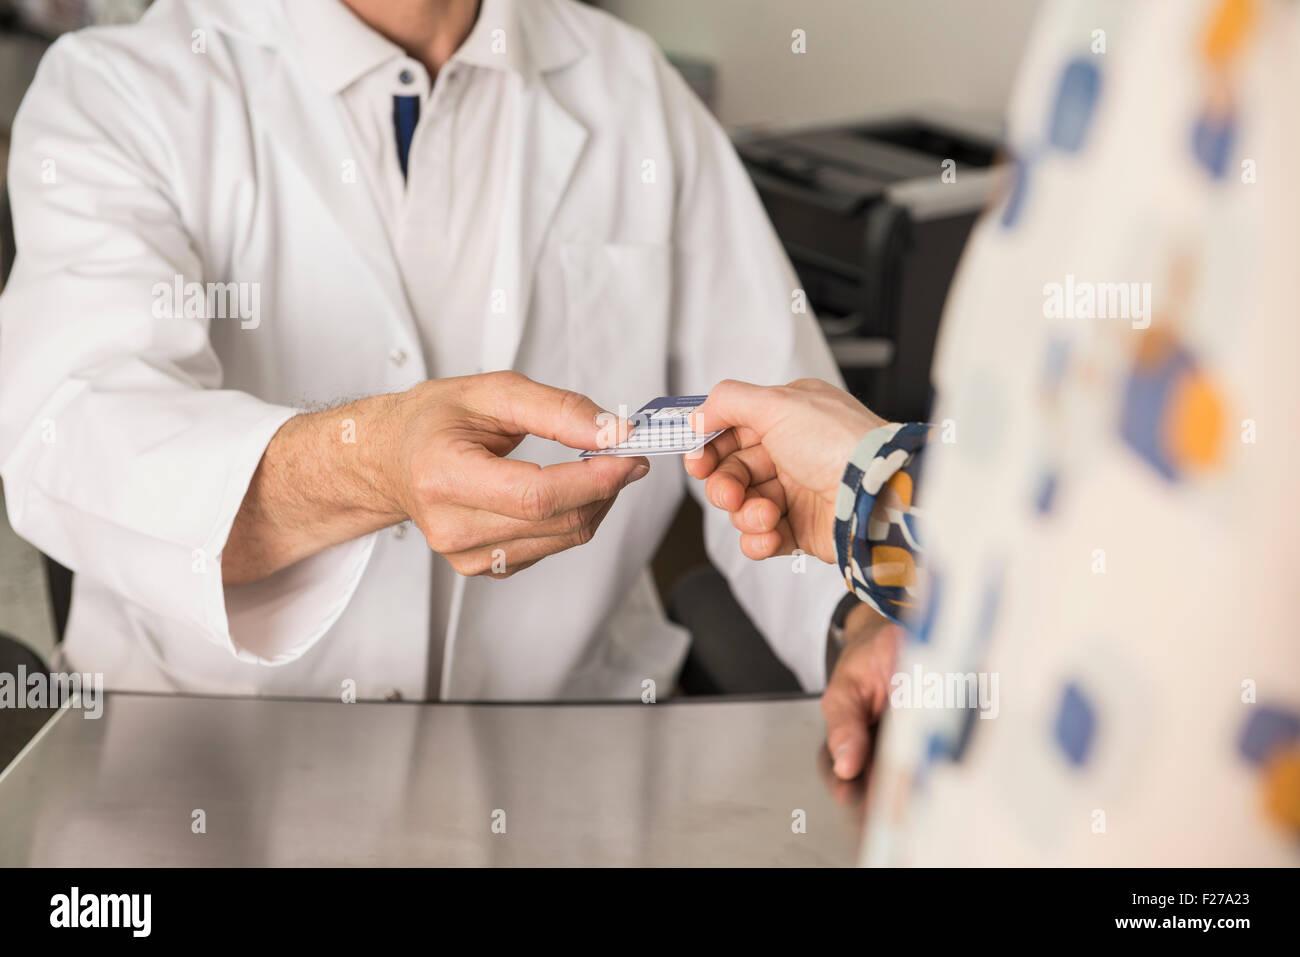 Paciente dando una tarjeta de seguro de salud al doctor, Munich, Baviera, Alemania Imagen De Stock